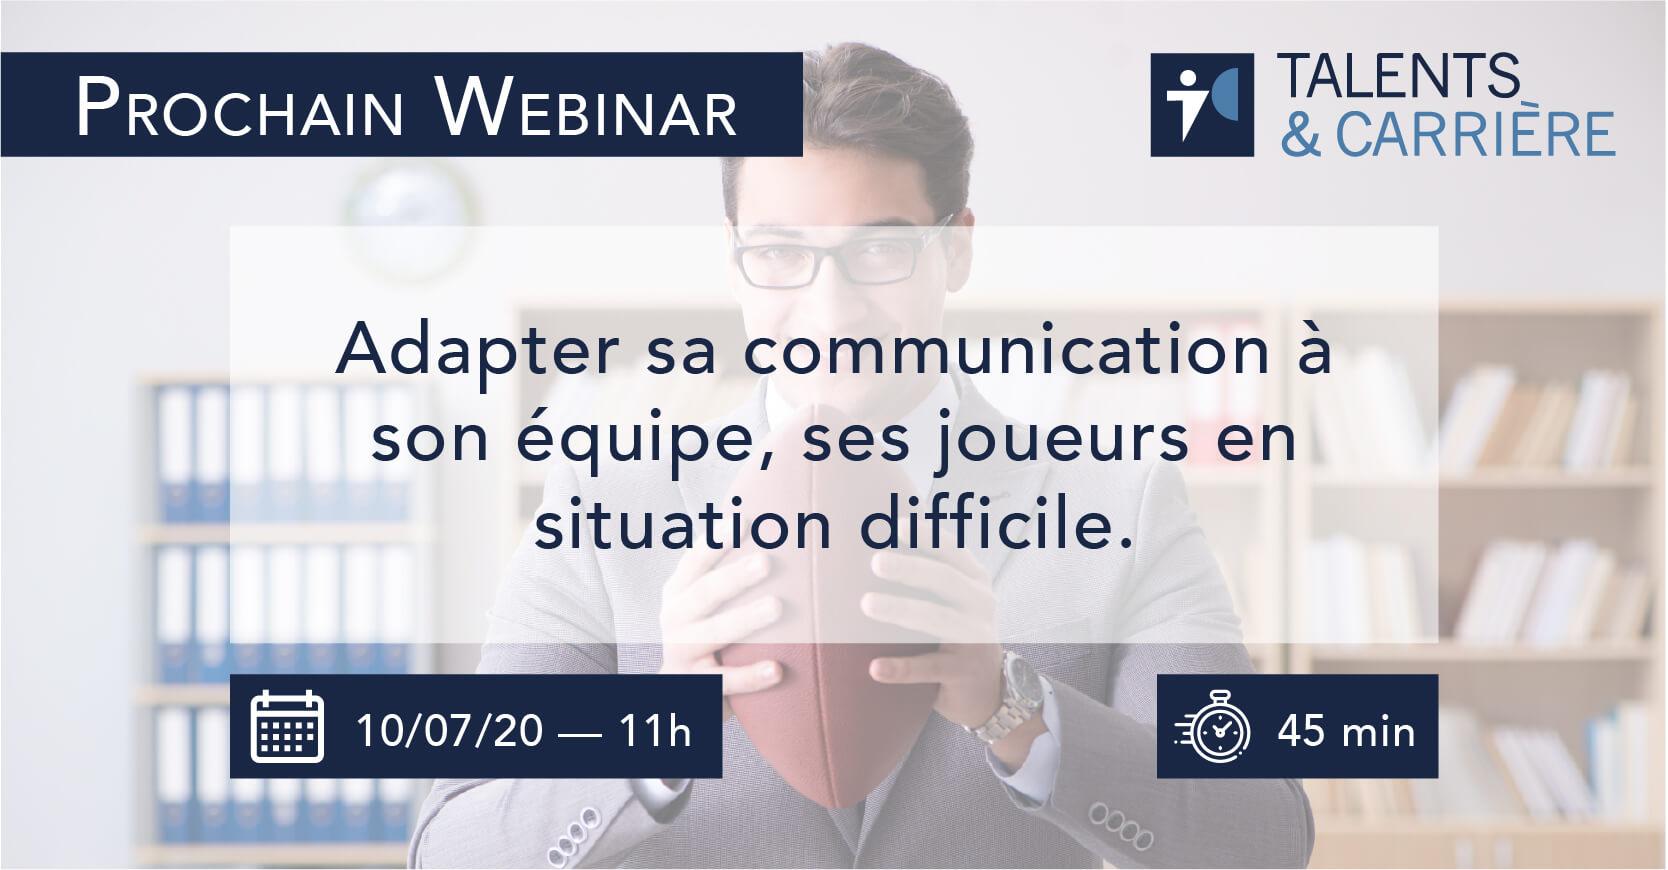 Talents & Carrière Talence Webinar 29 mai Adapter sa communication à son équipe, ses joueurs en situation difficile